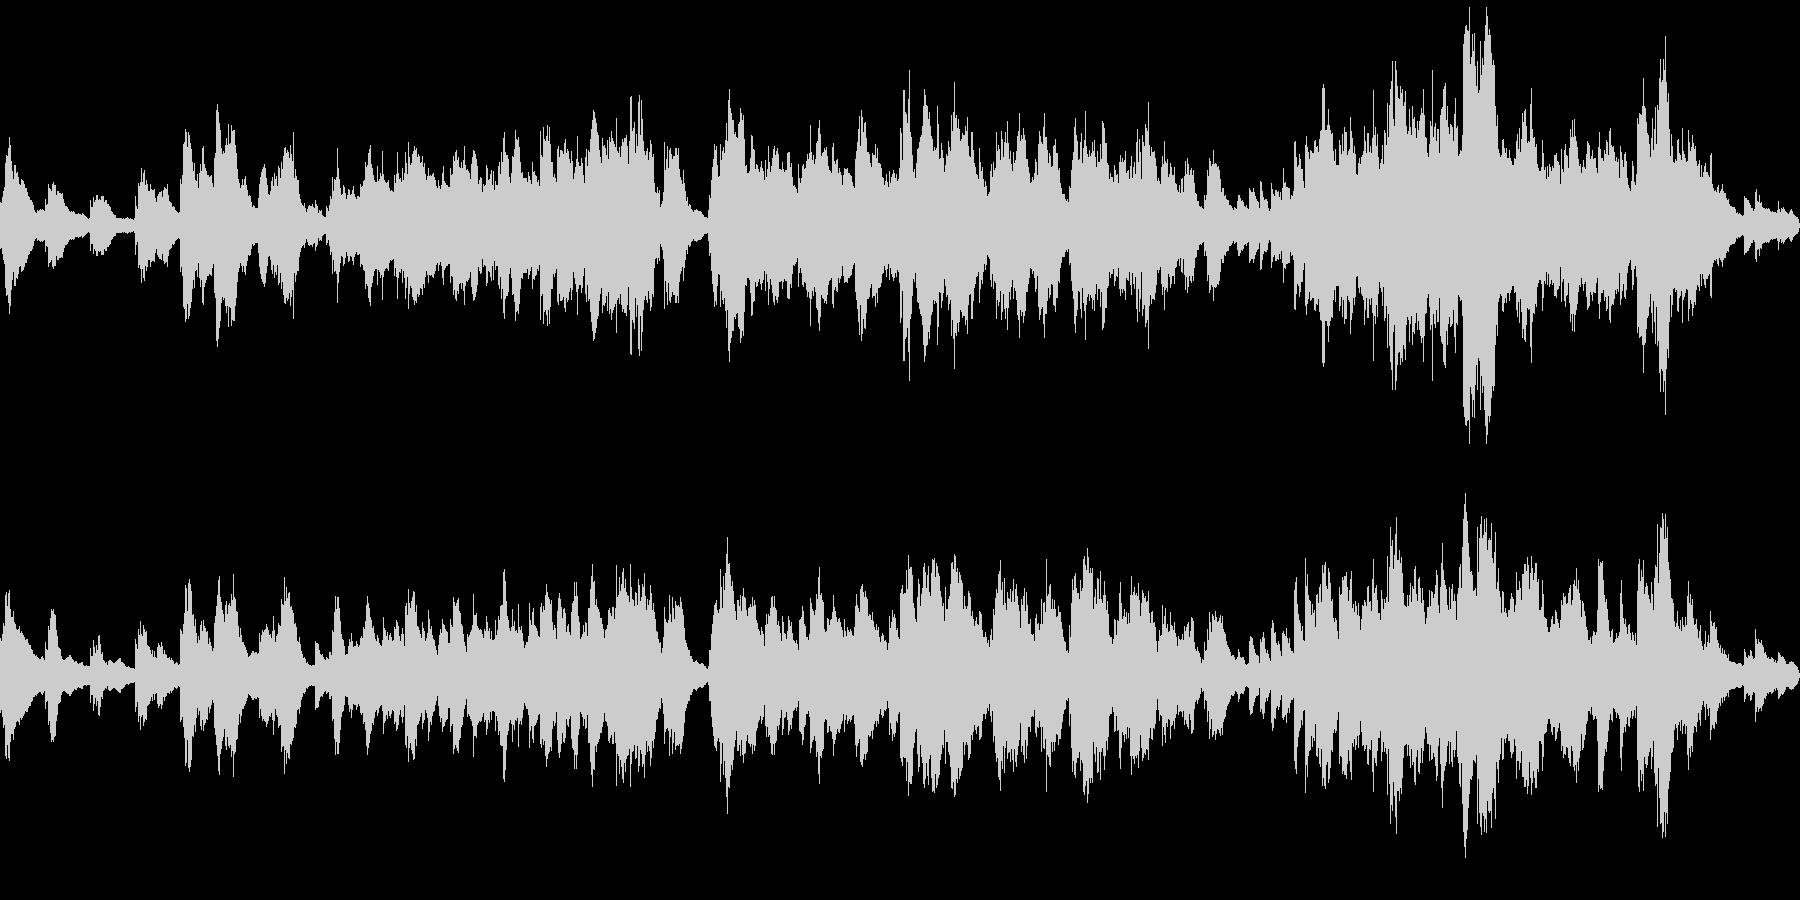 深い森・ダンジョンのBGM風 ピアノソロの未再生の波形